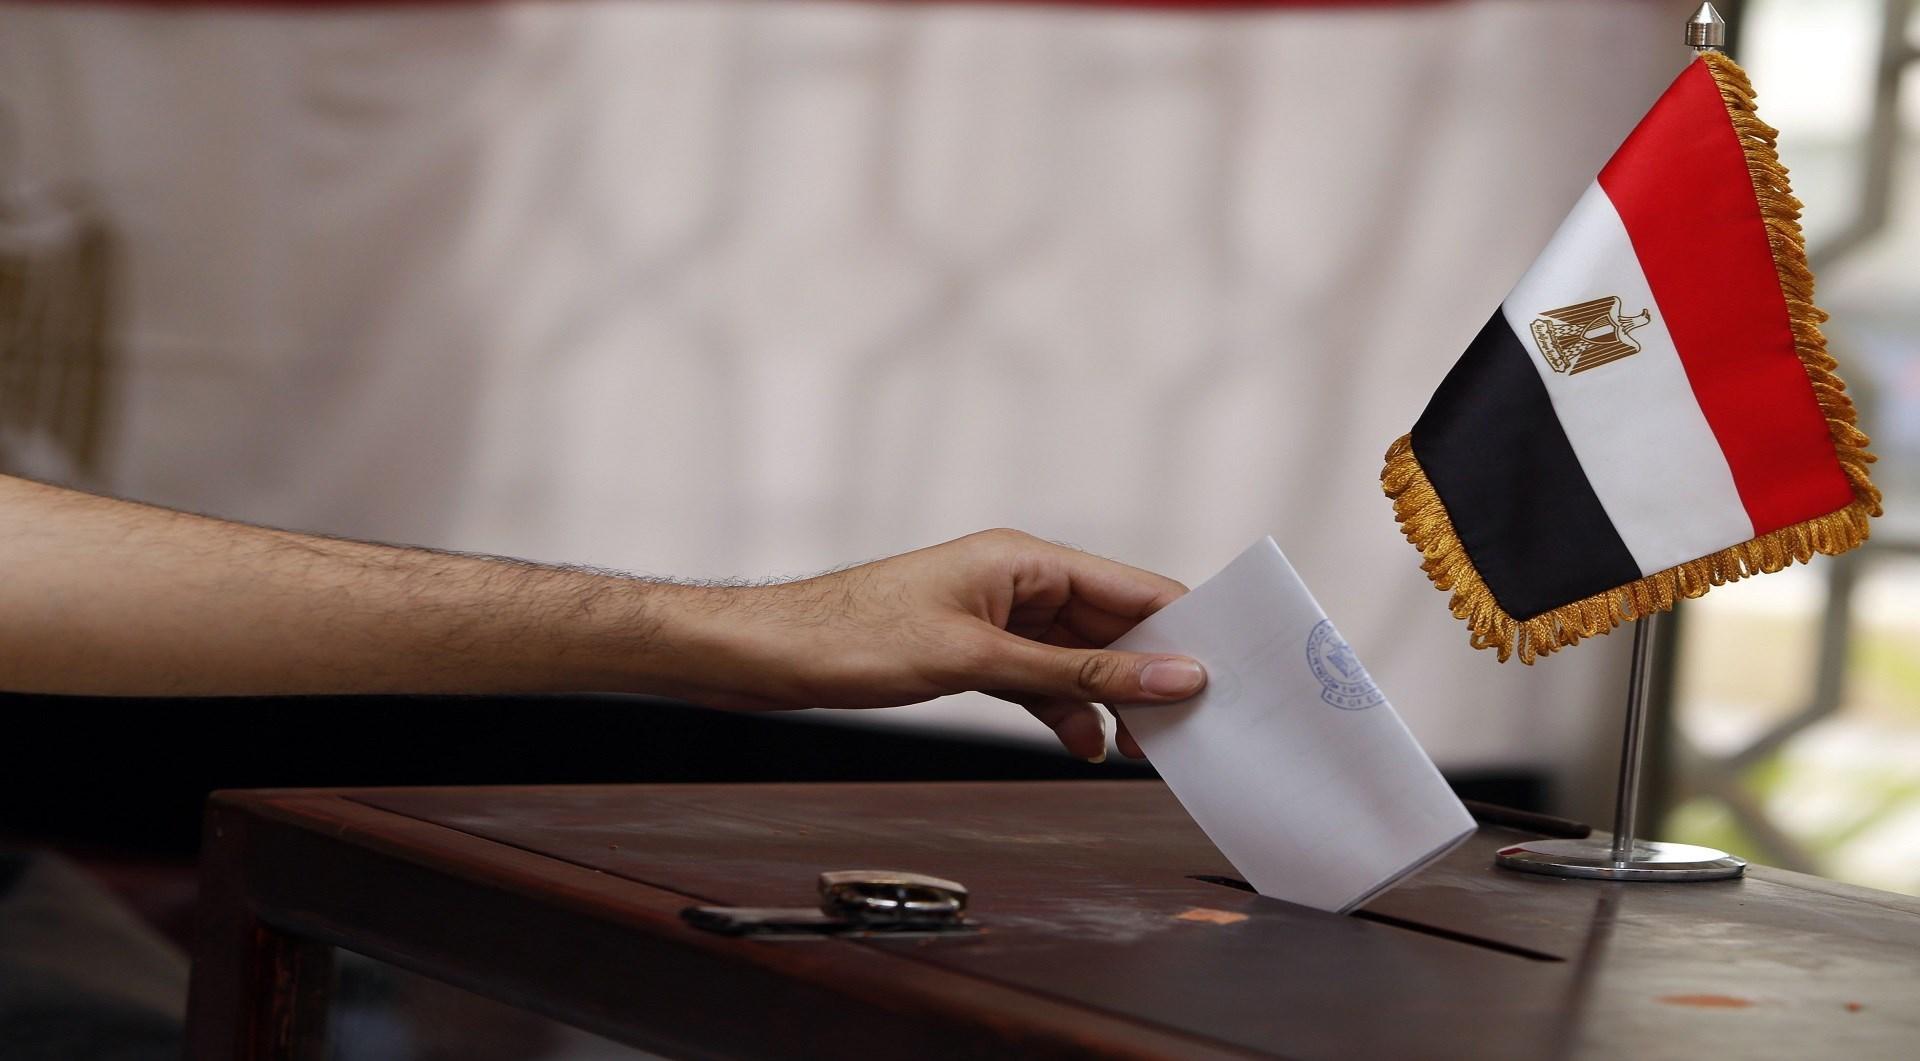 وزارة الداخلية المصرية تعتمد خطة أمنية شاملة لتأمين المواطنين